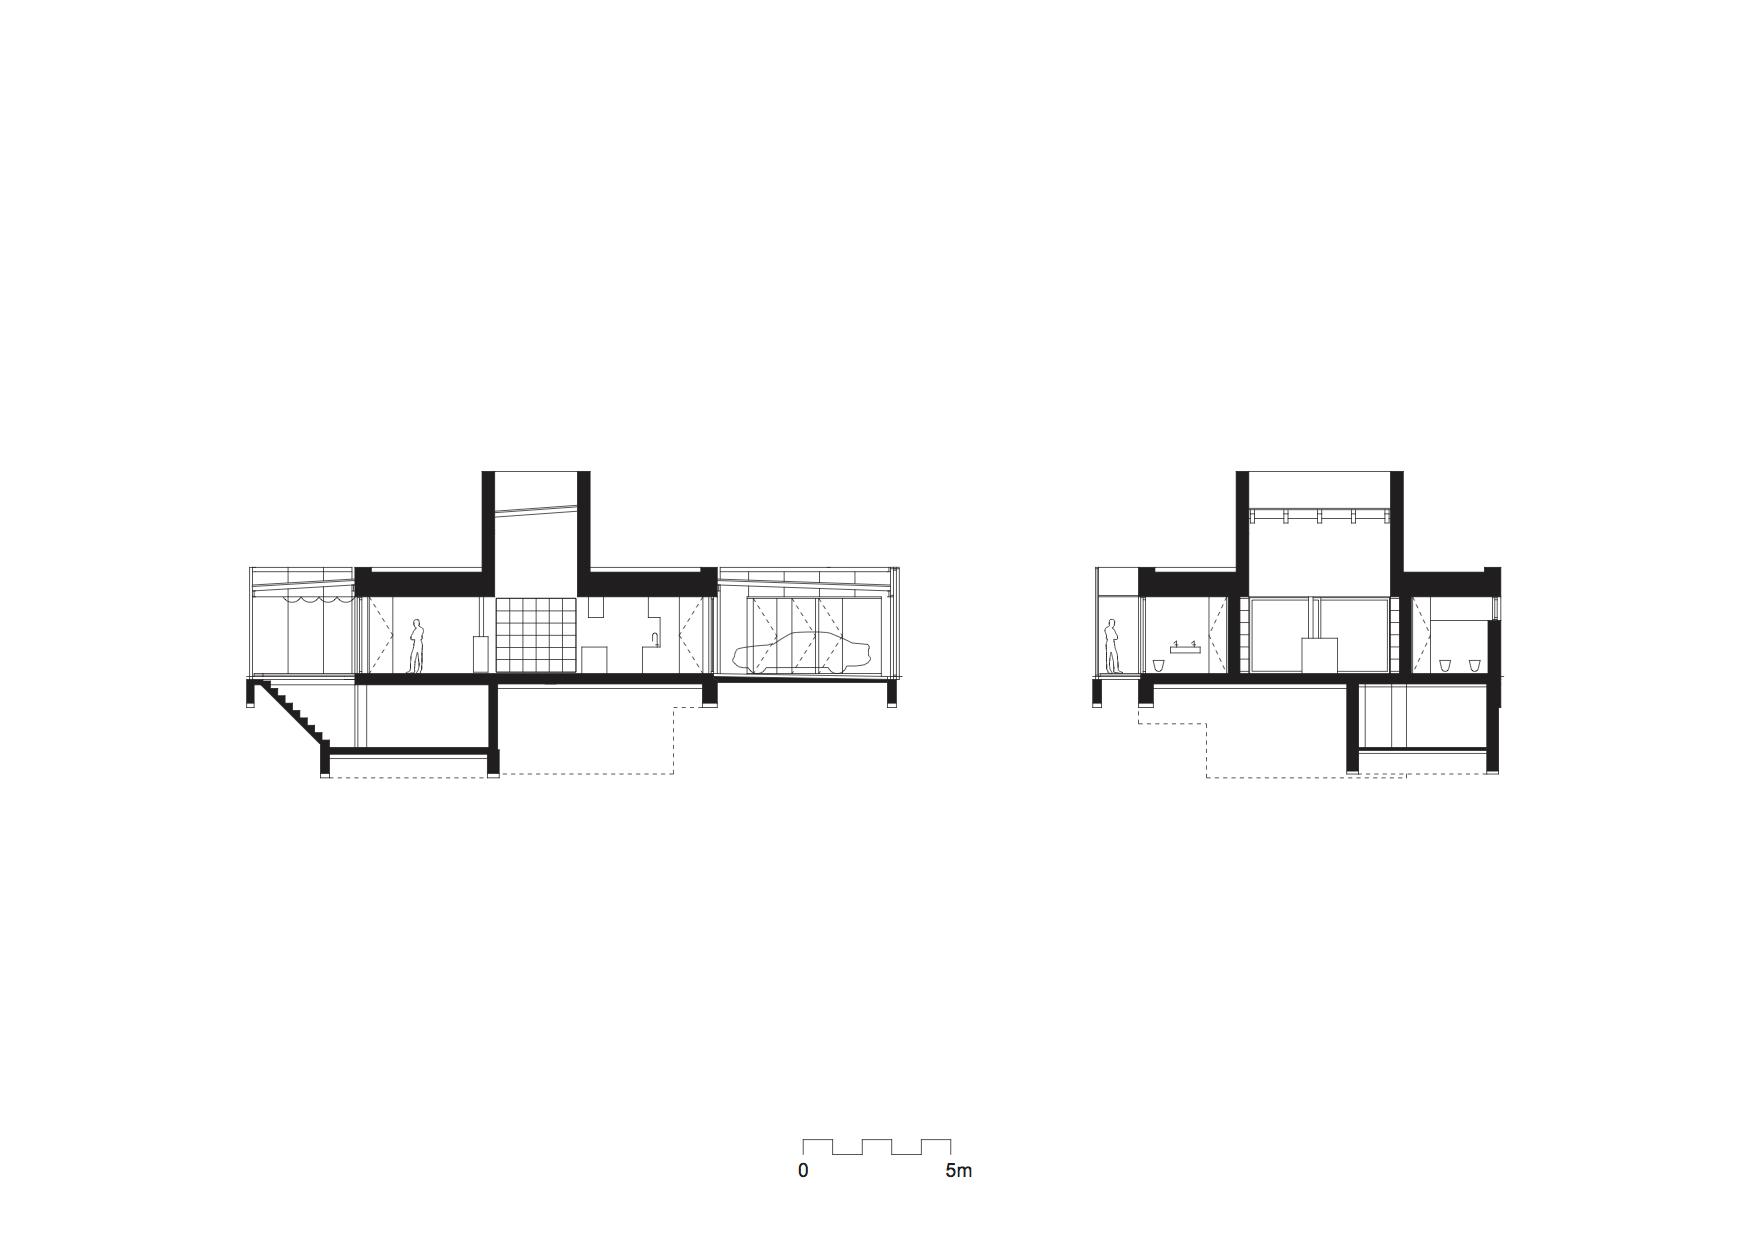 archaic_Plural_House_13.jpg